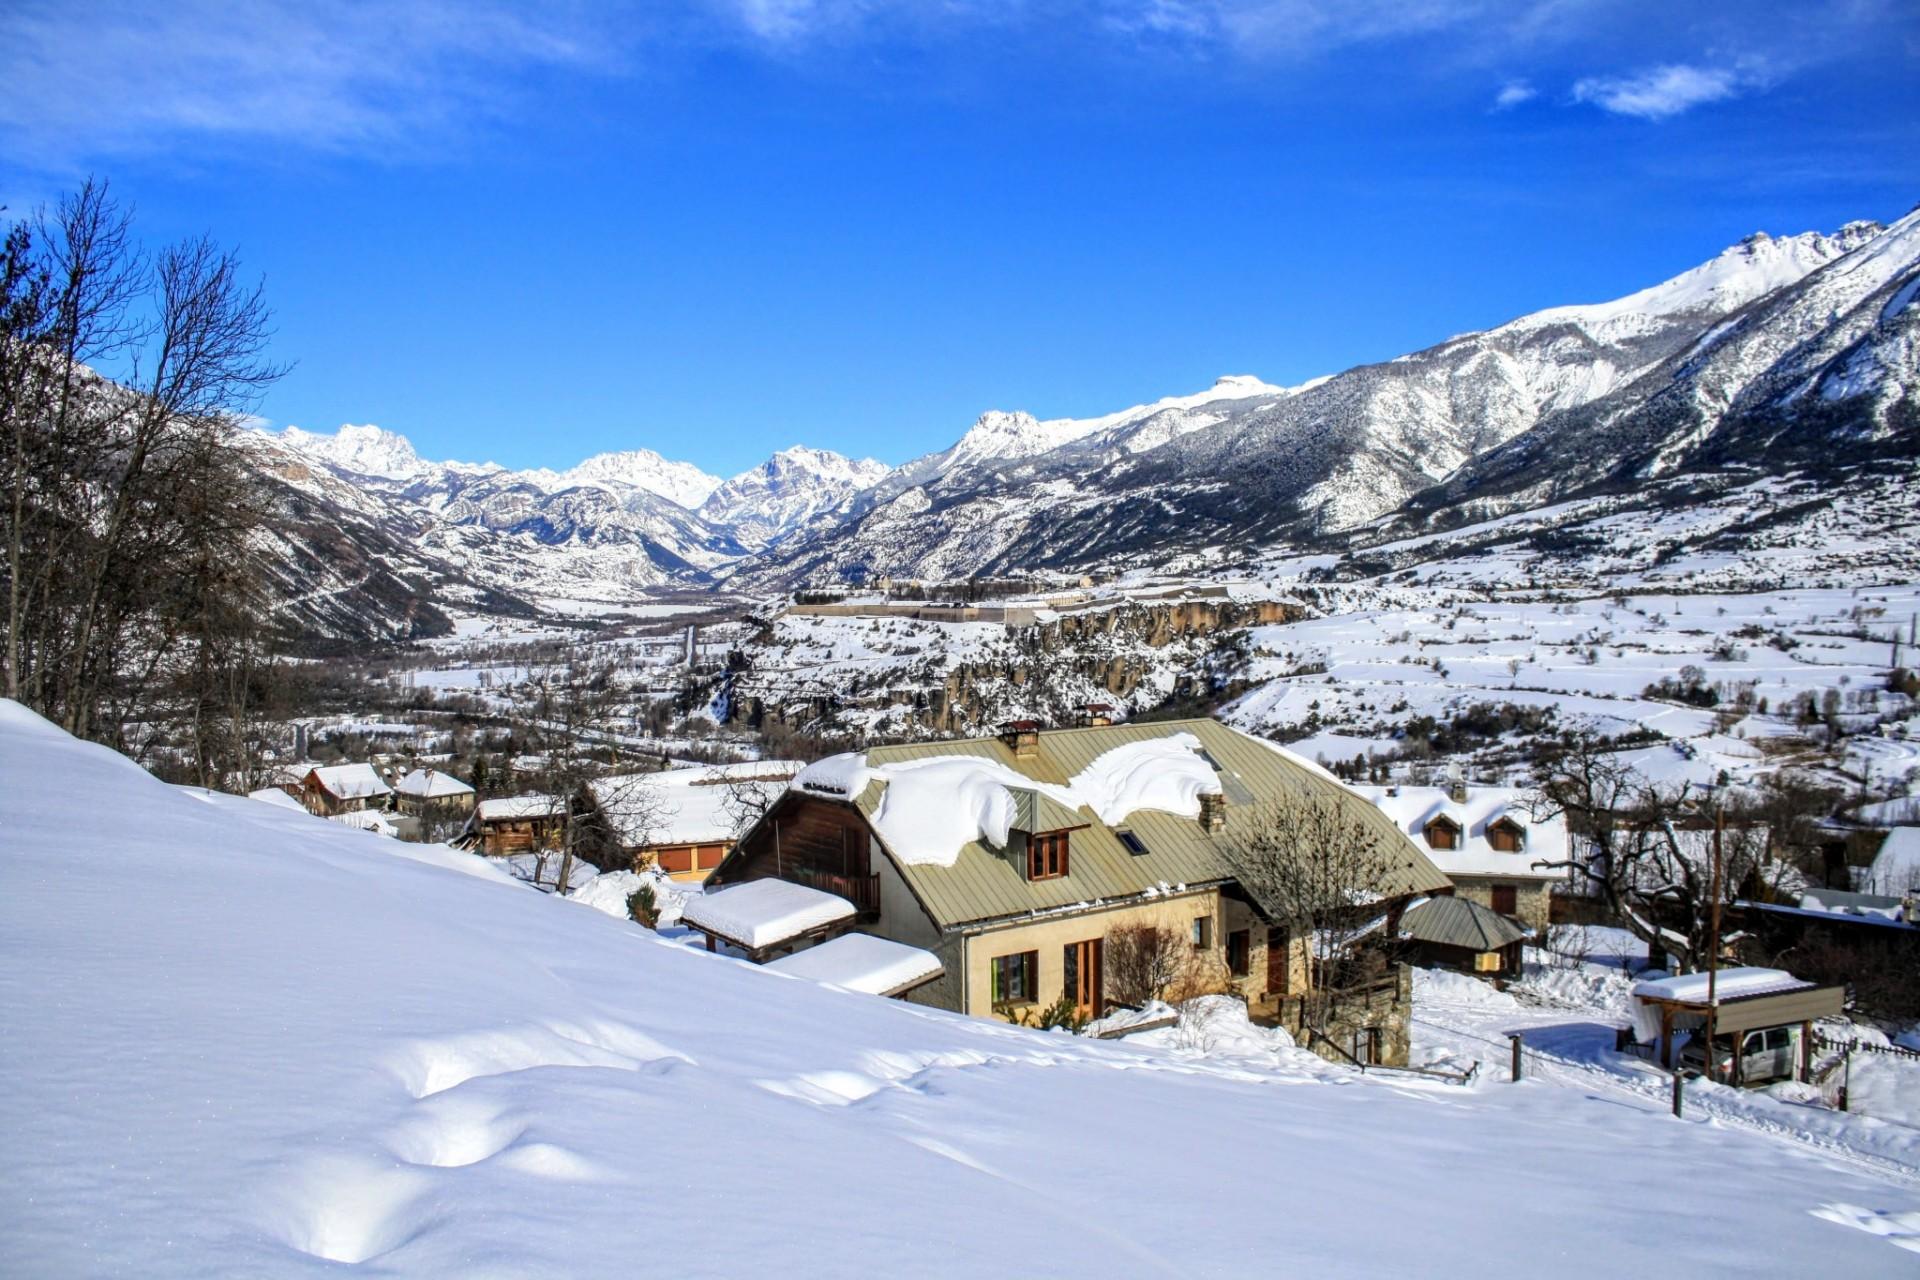 gite-le-champignon-in-winter-13653